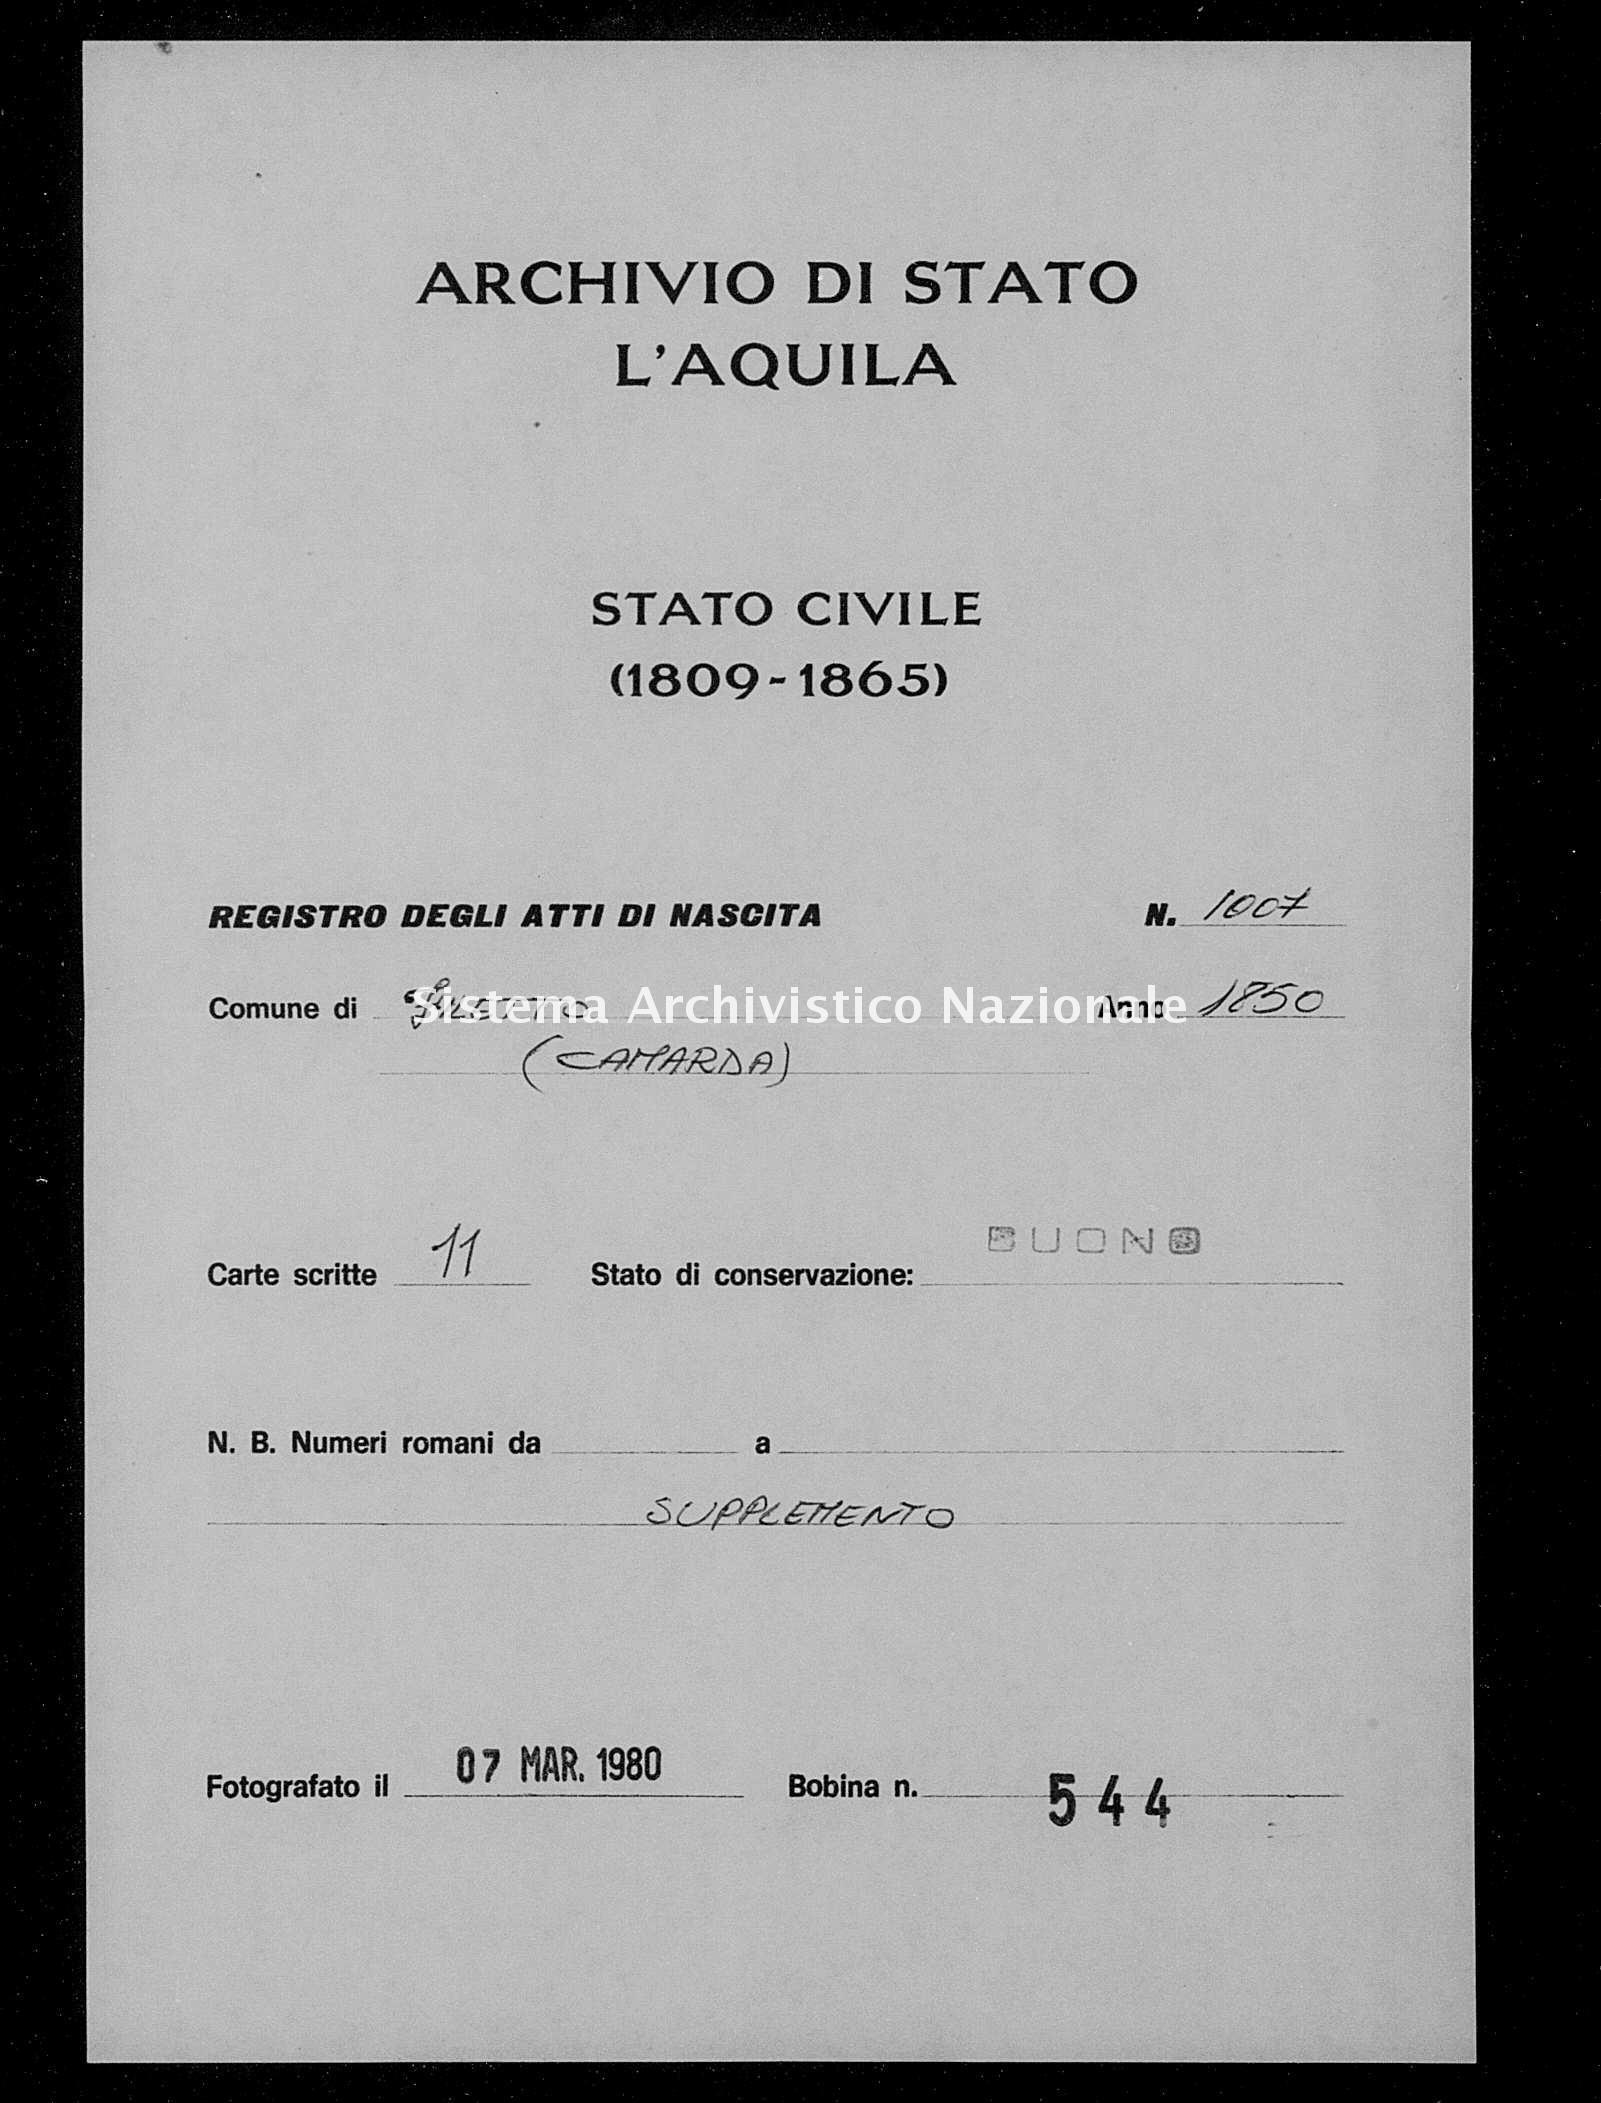 Archivio di stato di L'aquila - Stato civile della restaurazione - Filetto - Nati, battesimi - 1850 - 1007 -